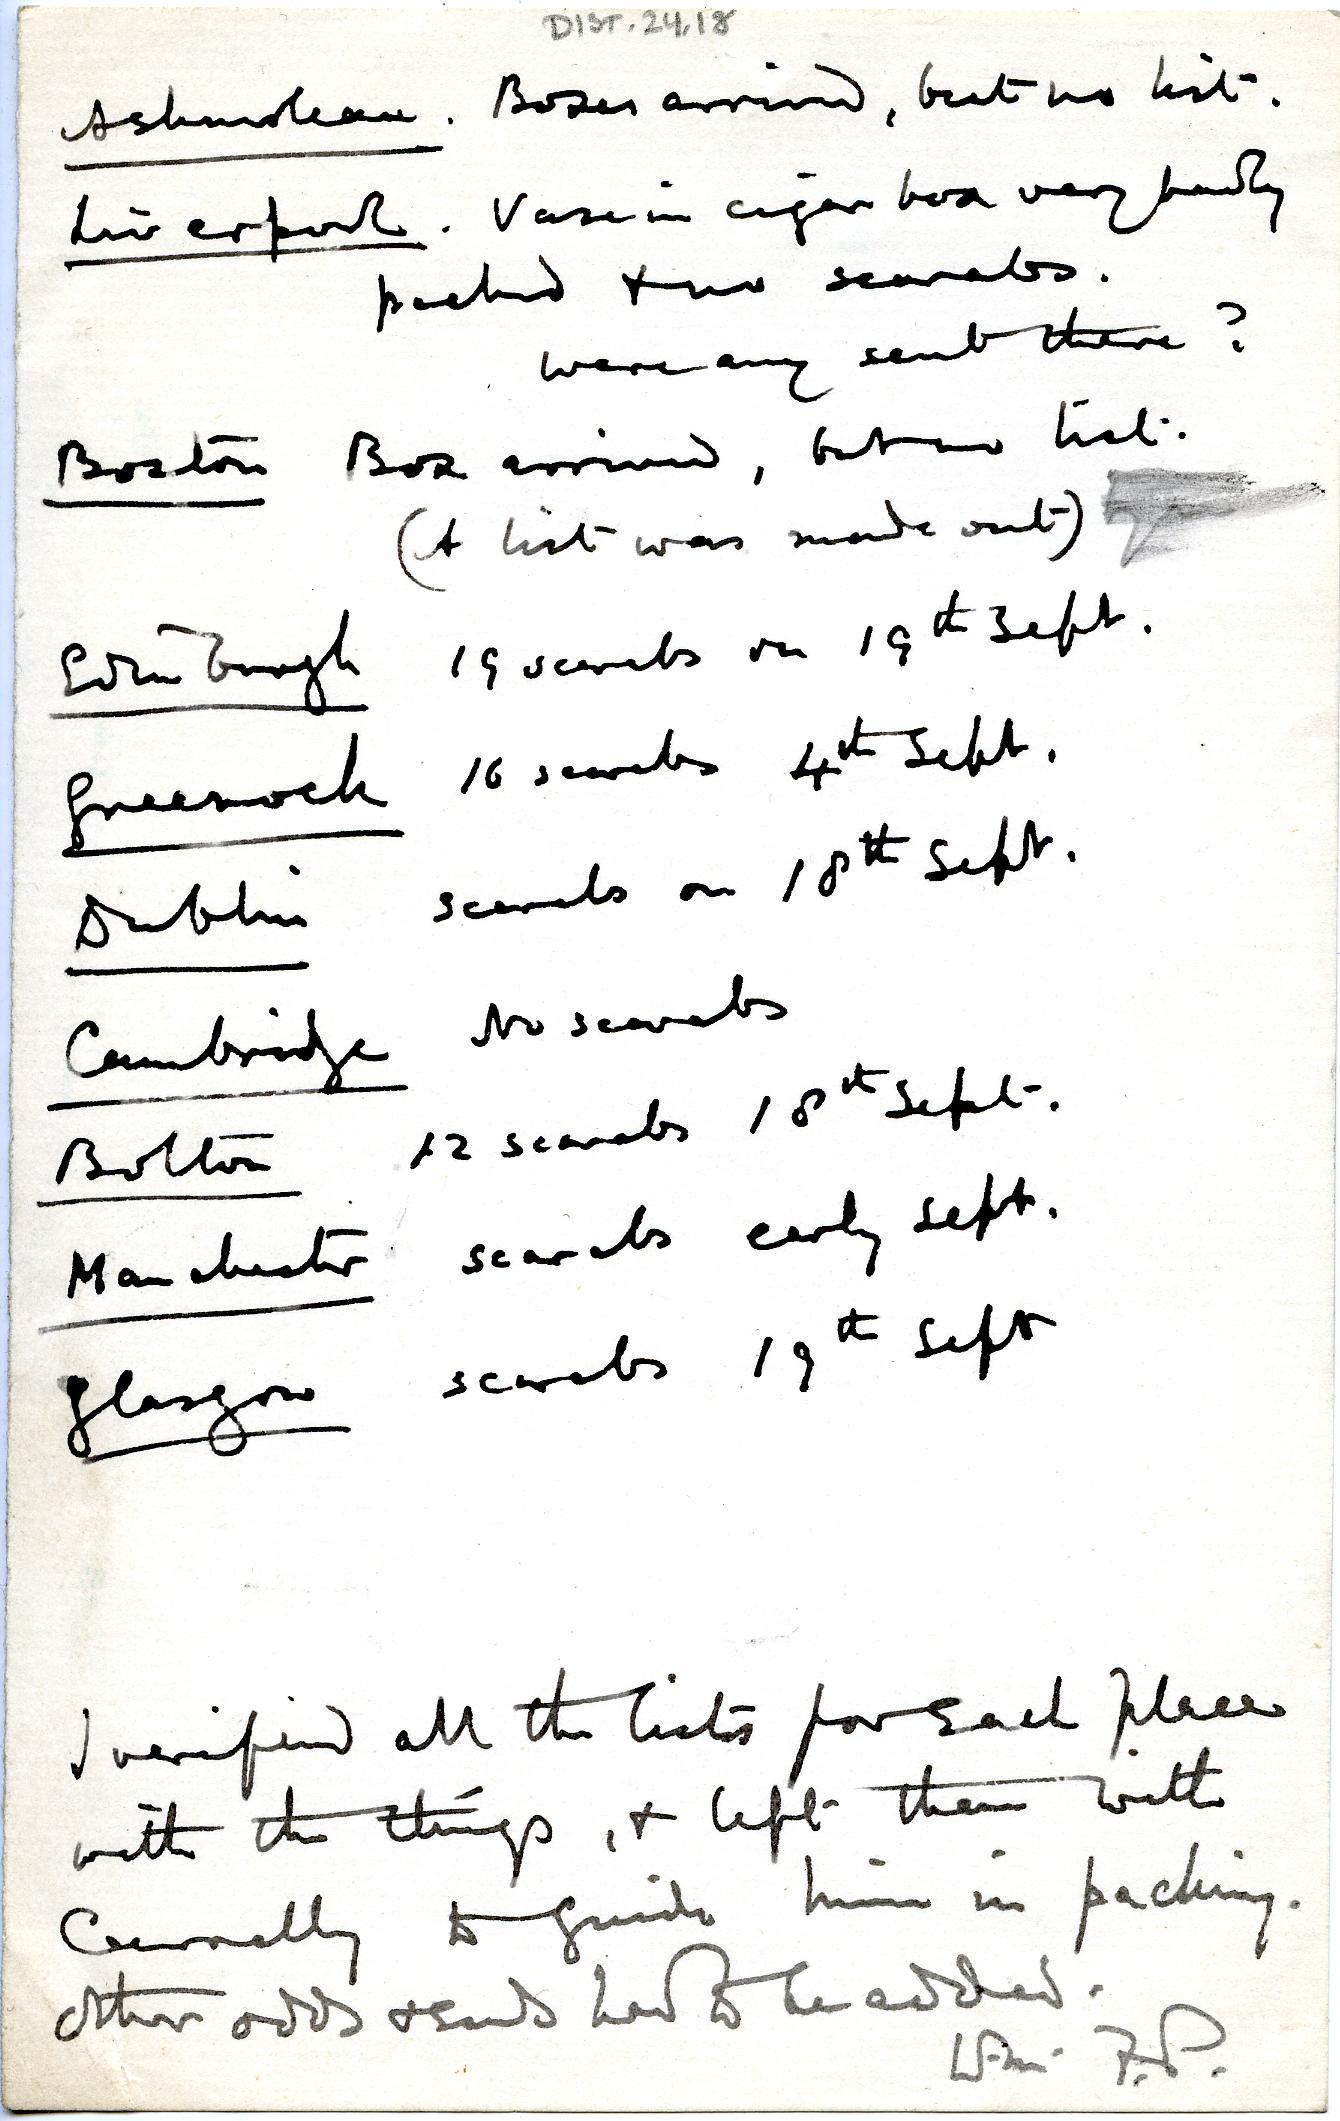 1904-05 Deir el-Bahri, Sinai, Oxyrhynchus DIST.24.18